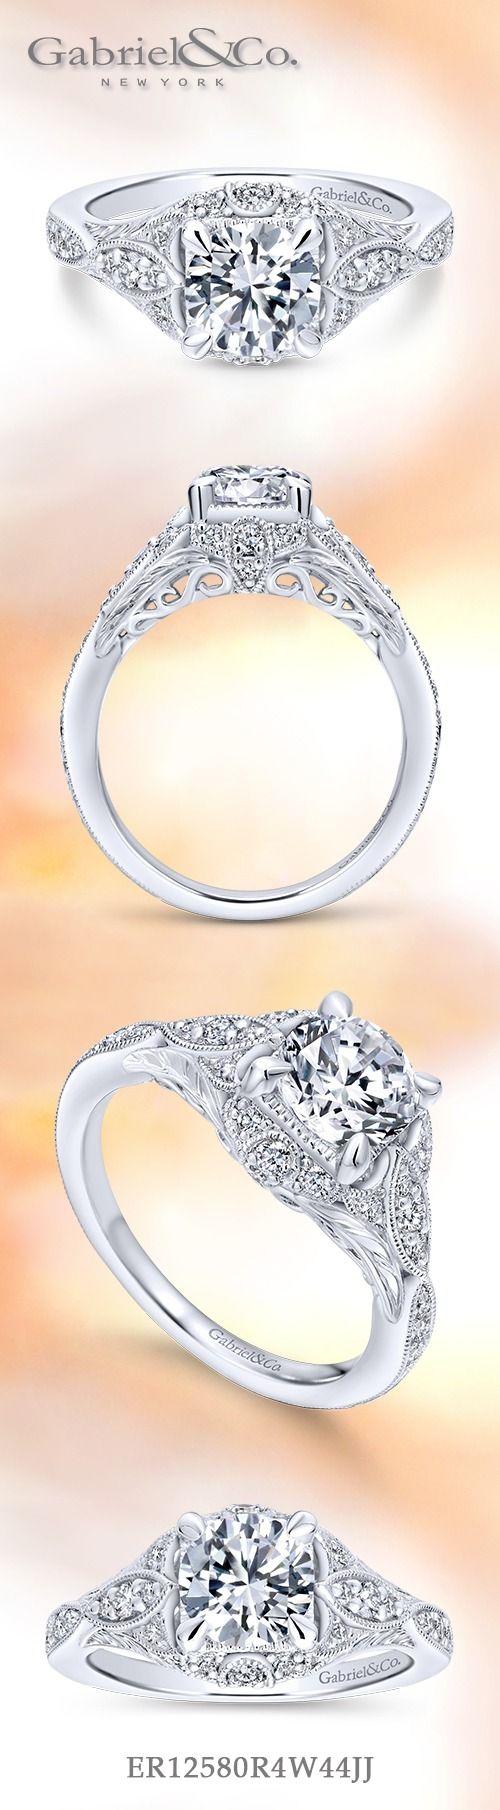 Delilah 14k White Gold Round Halo Engagement Ring  Er7479w44jj